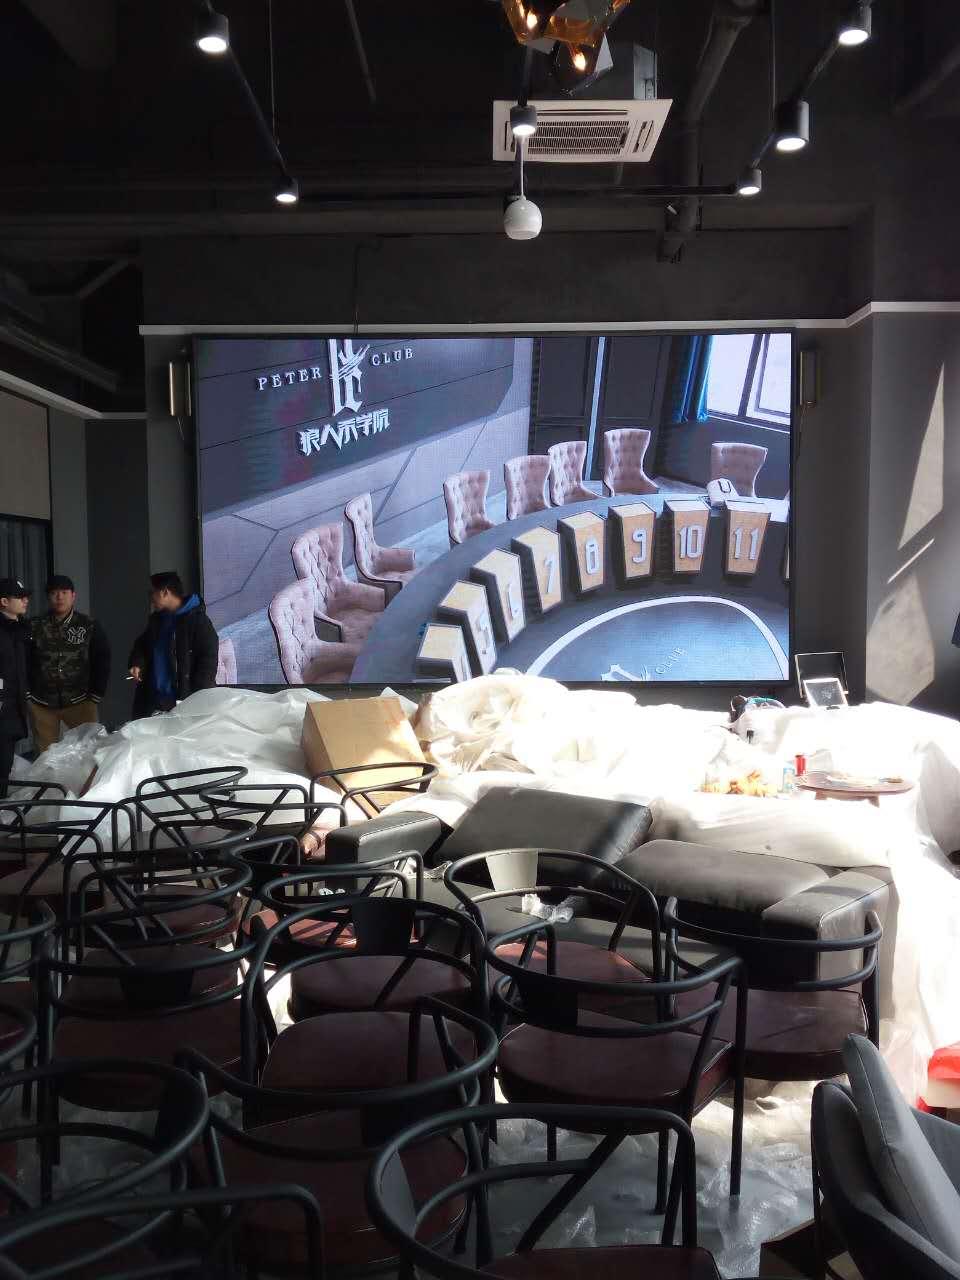 山东会议大厅LED显示屏生产 创造辉煌 合肥龙发智能科技365棋牌游戏大厅下载_365棋牌苹果版下载_365棋牌大厅打鱼